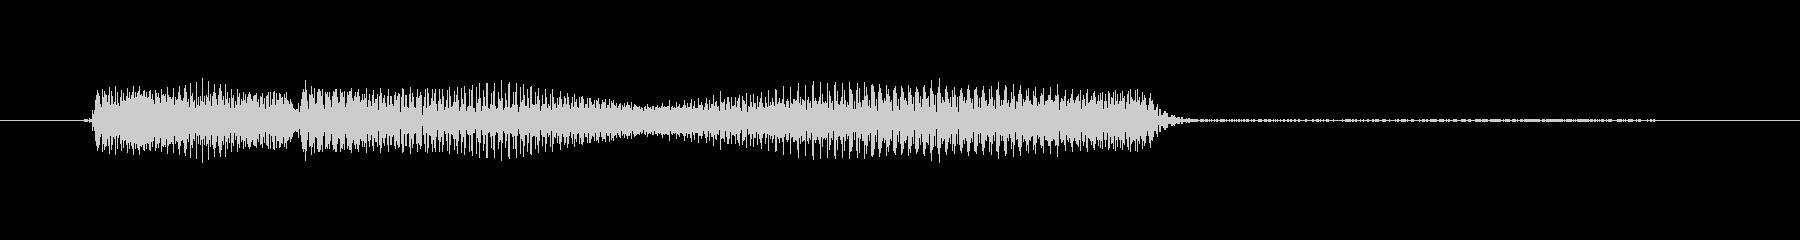 ゲーム、クイズ(ピンポン音)_012の未再生の波形